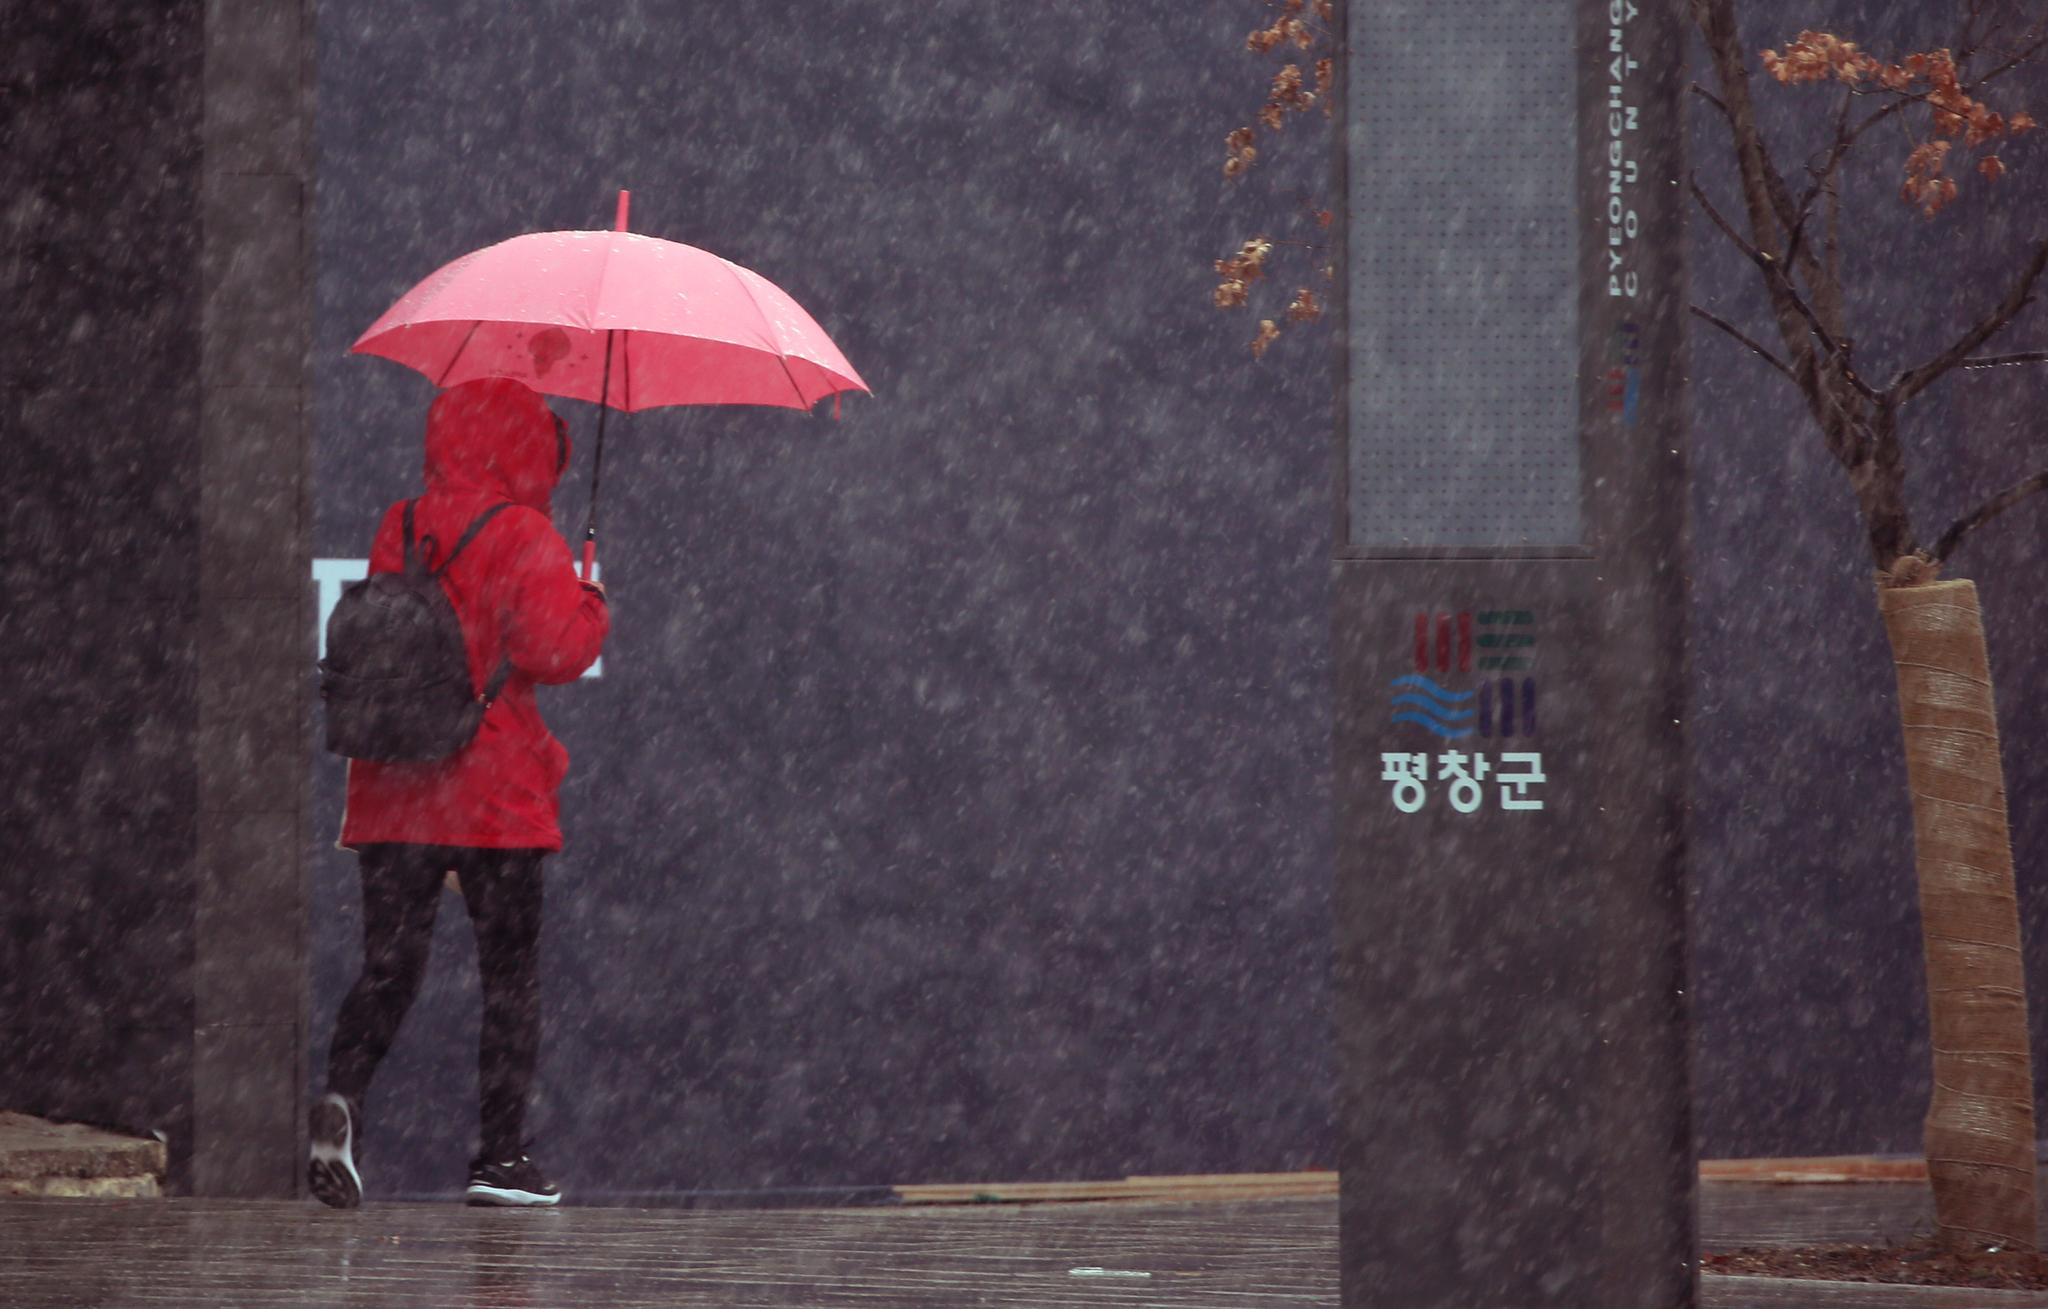 21일 오후 강원도 평창군 대관령면에서 한 시민이 눈을 맞으며 길을 걷고 있다. [연합뉴스]